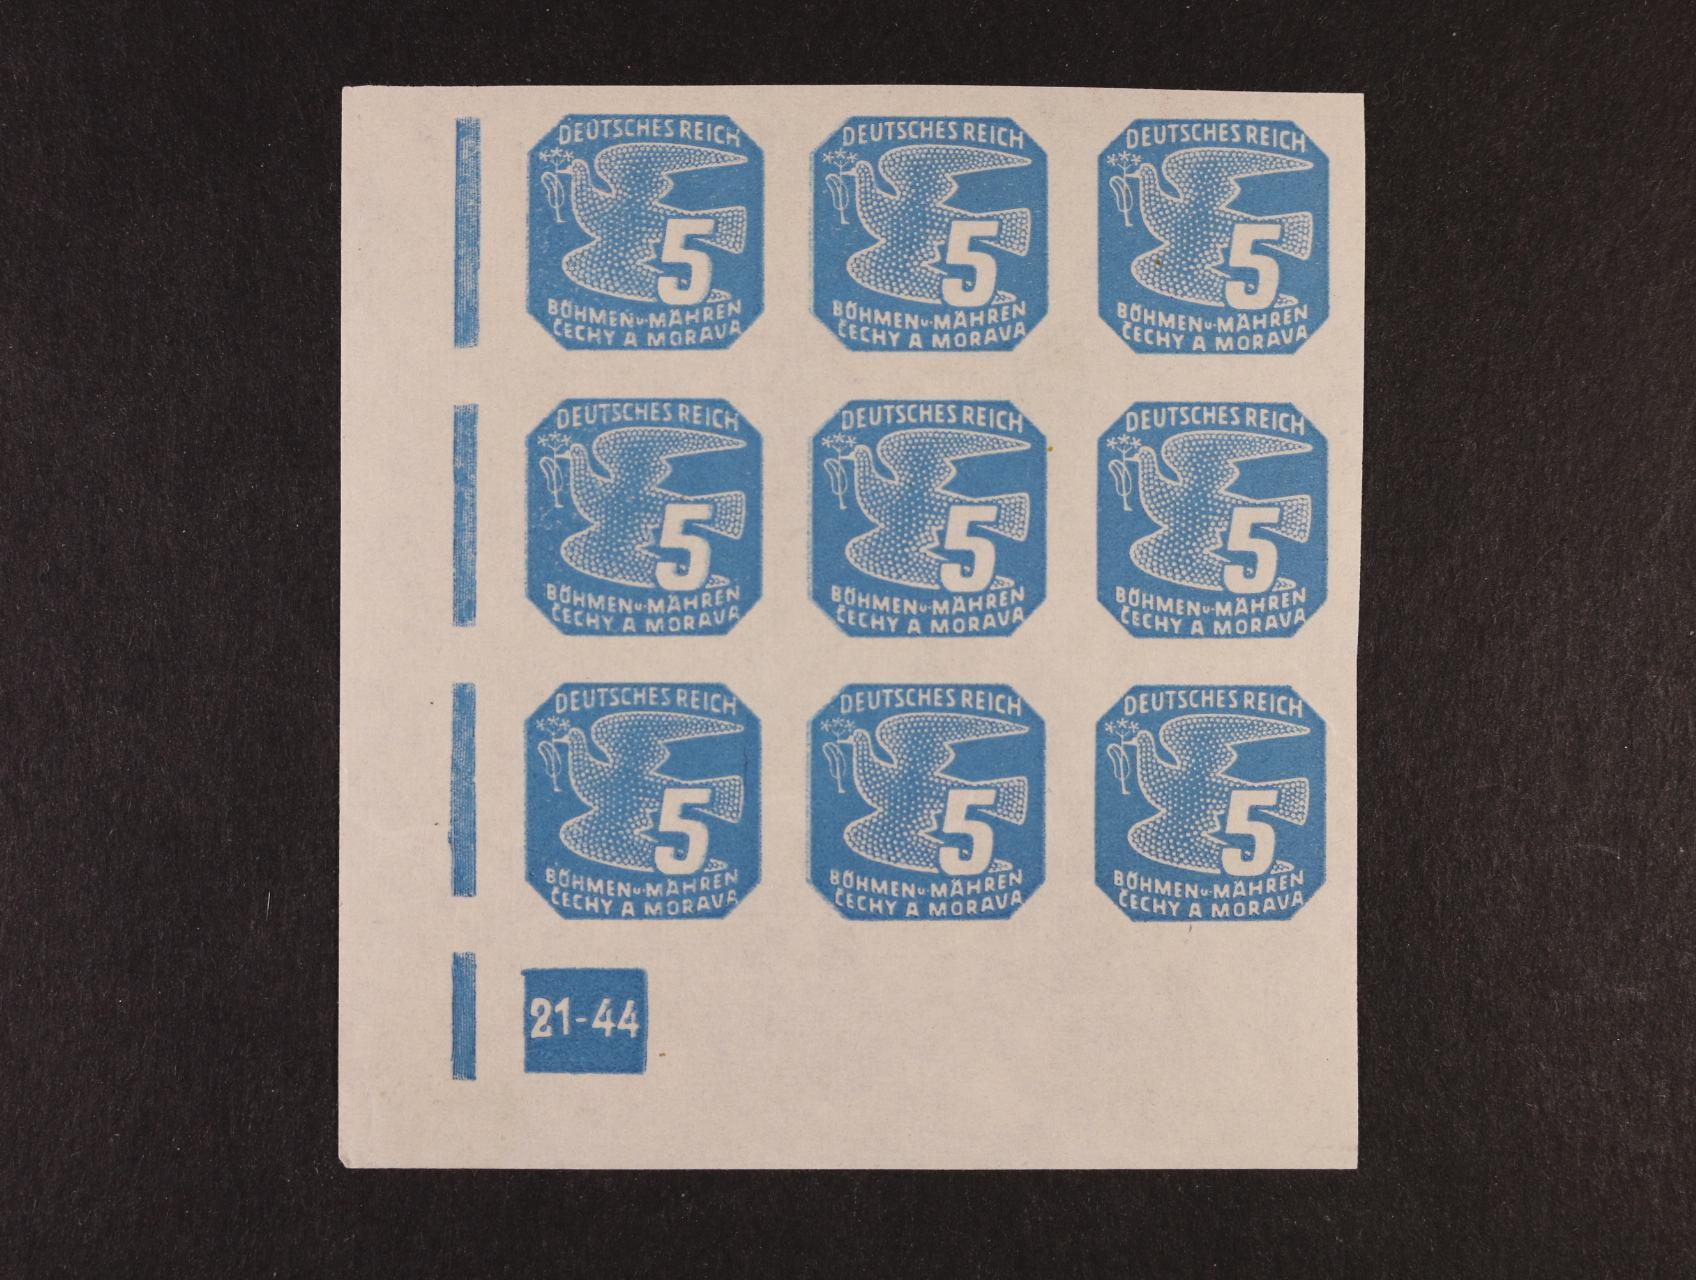 Novinové - zn. NV č. 11 - levý spodní roh. 9ti-blok s DZ 21-44 v první a zejména druhé svislé řadě dvojitý tisk